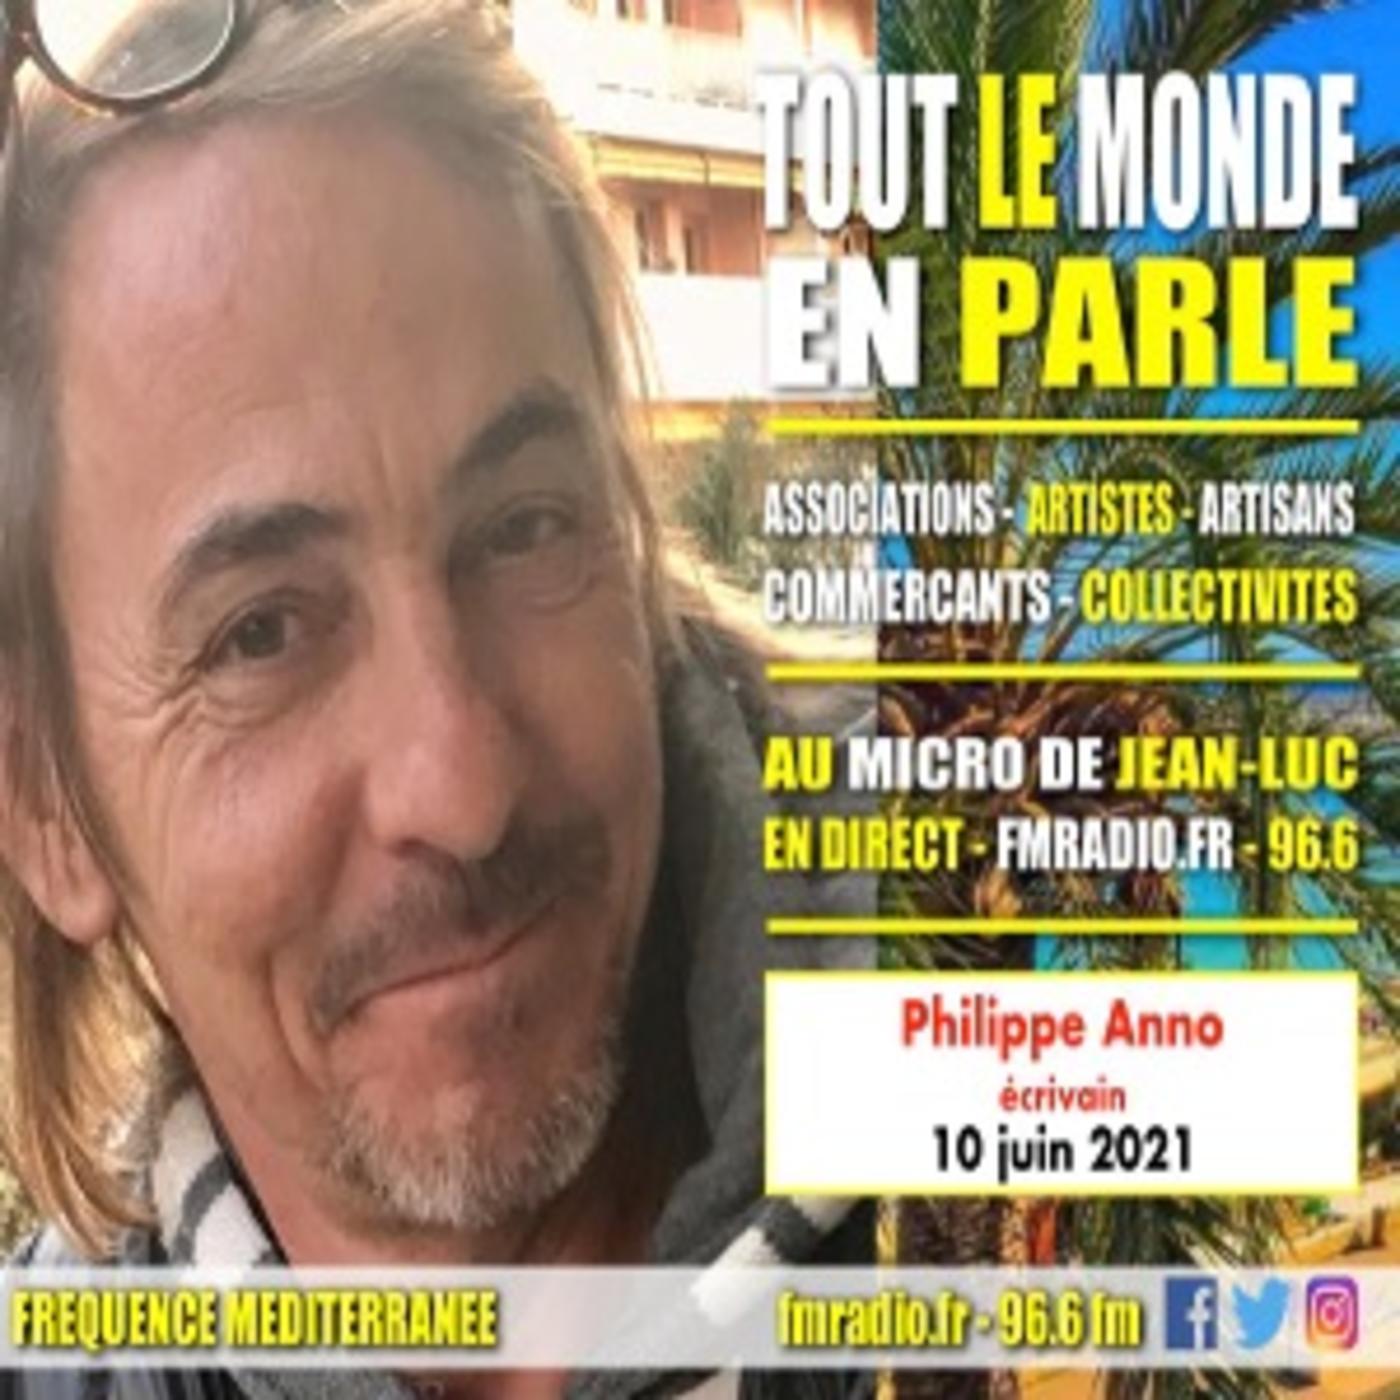 Invité - Philippe Anno